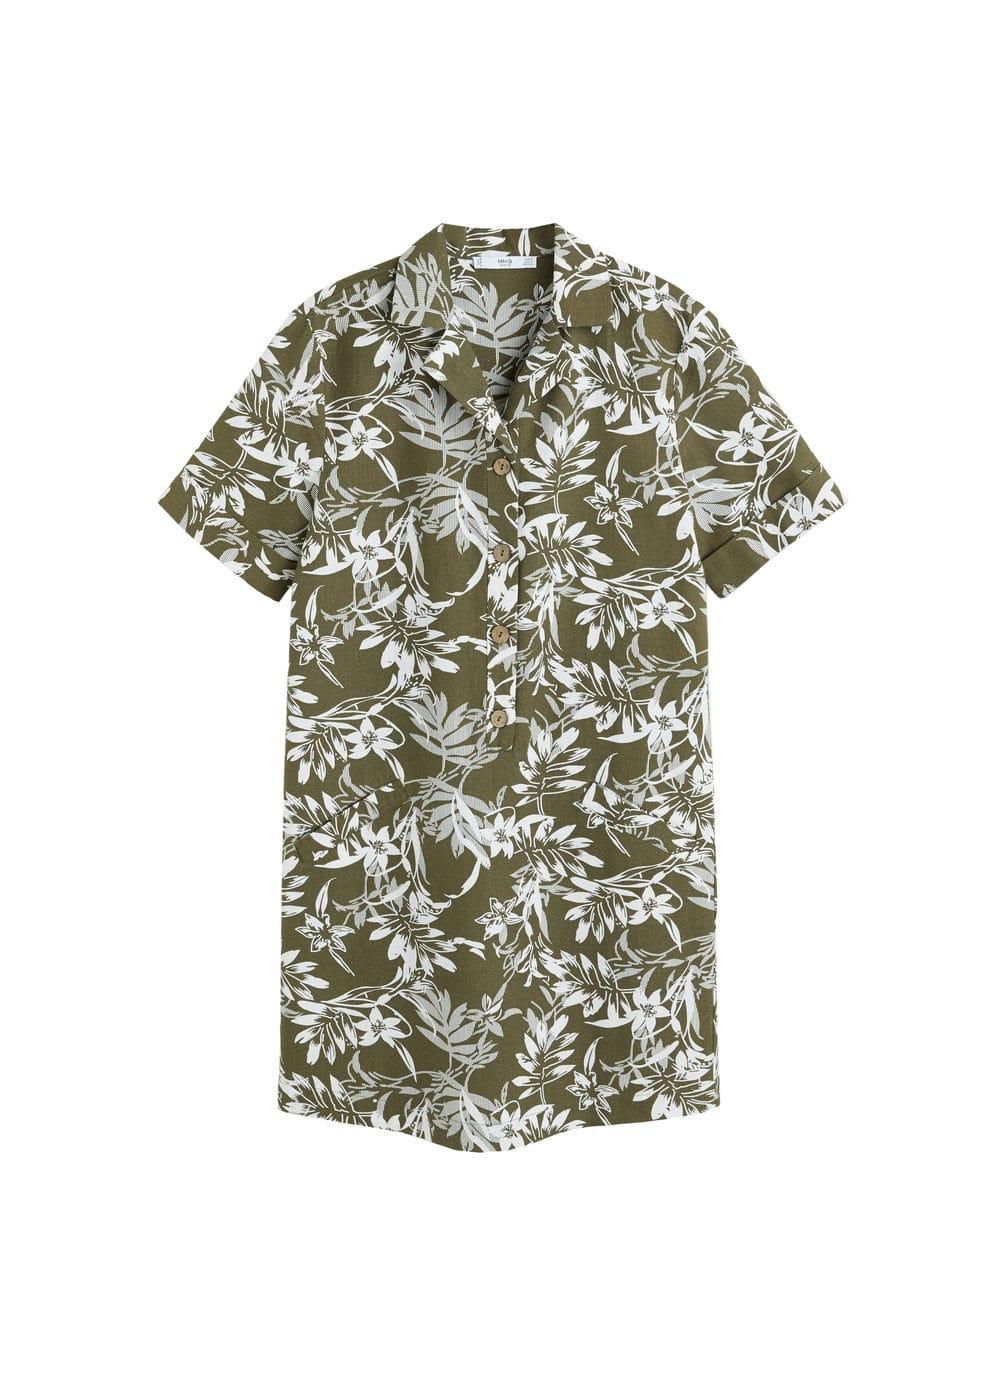 m-mustard-h:vestido algodon flores